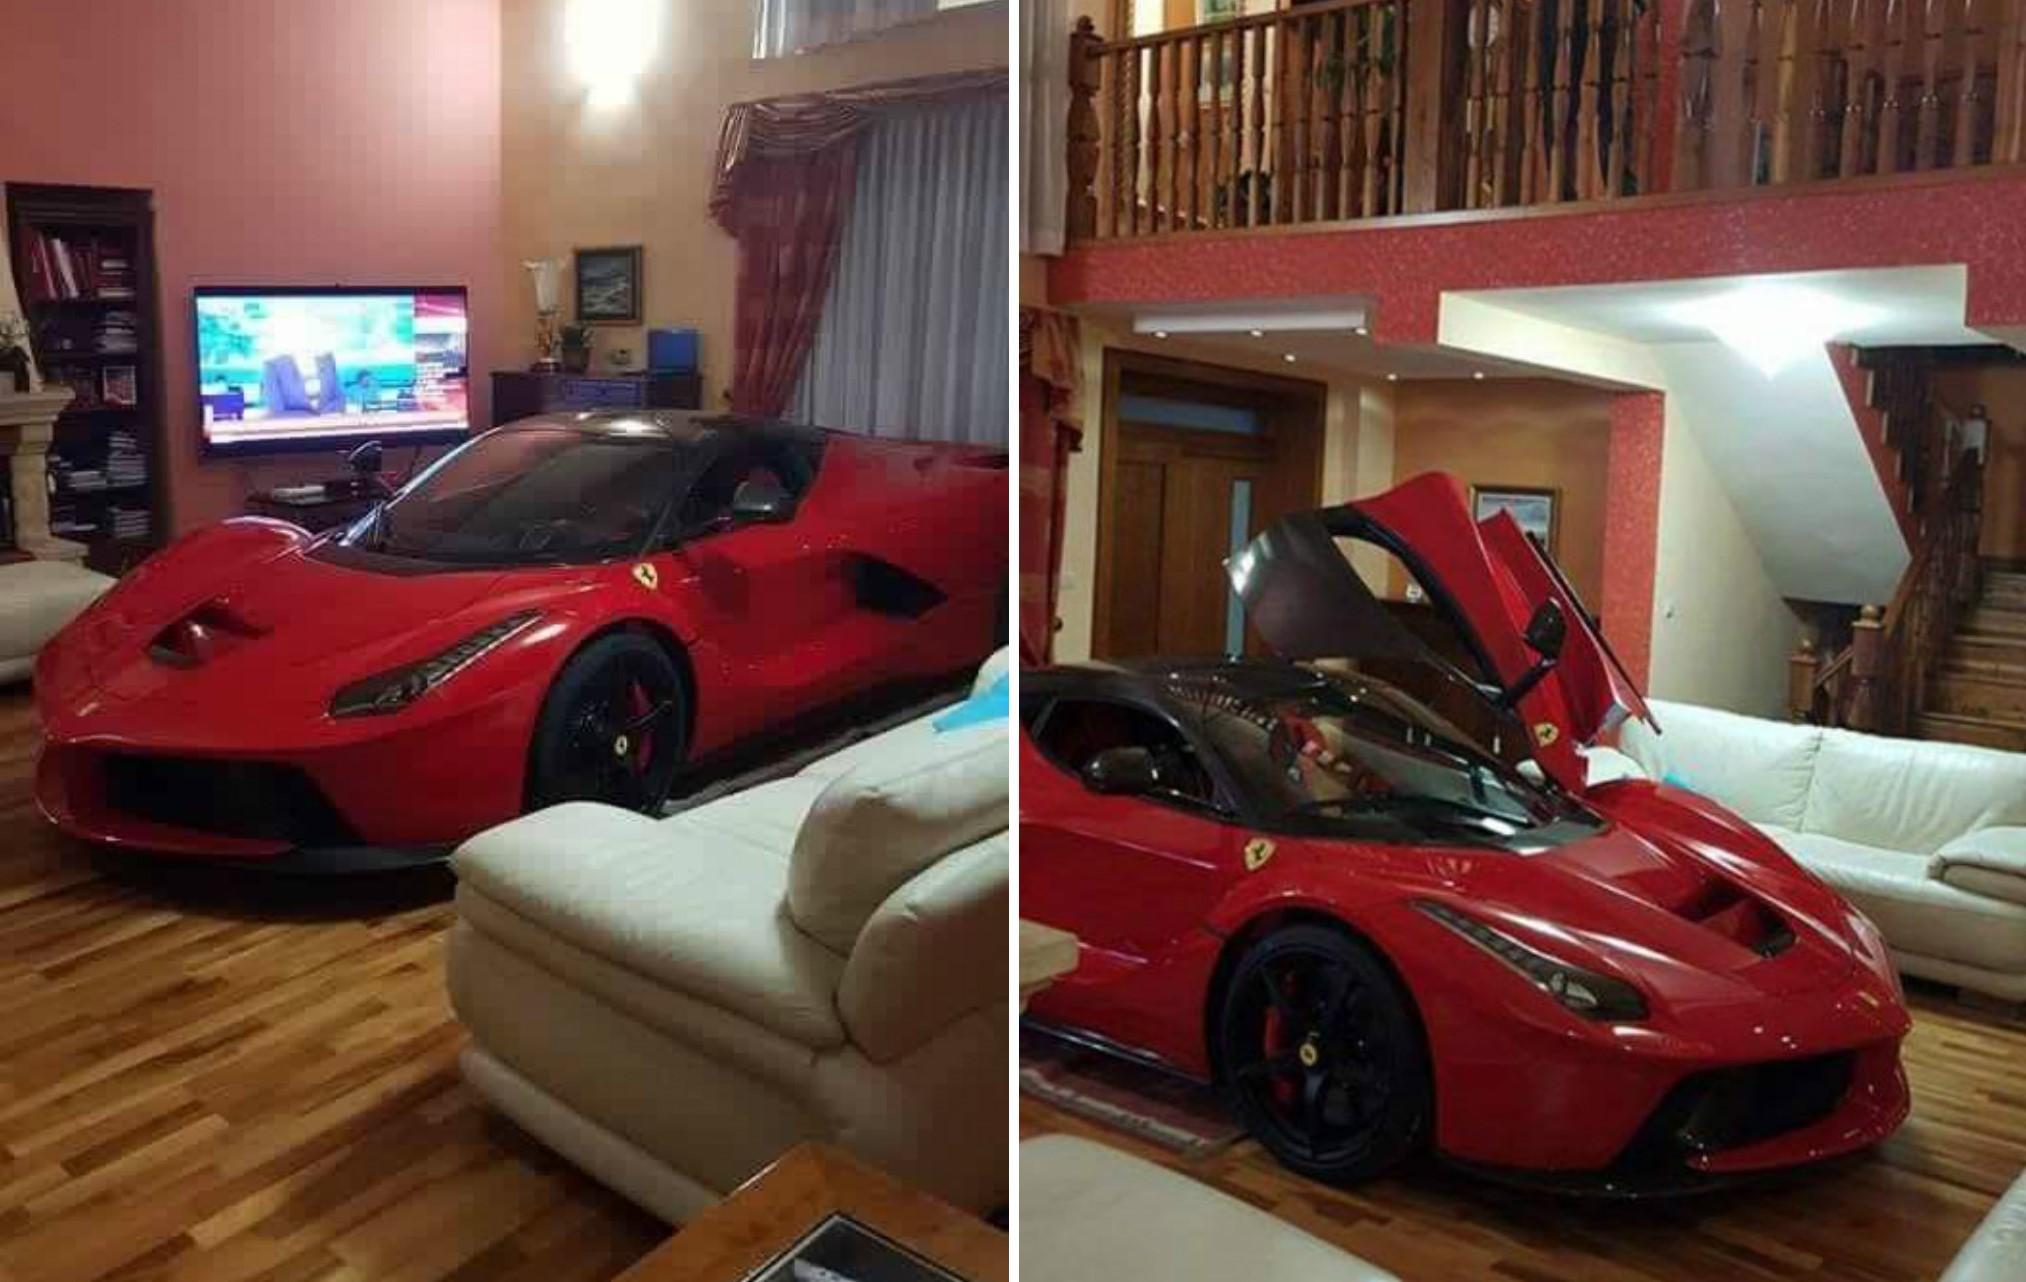 Ferrari laferrari en belle table basse les voitures for Decoration interieur voiture